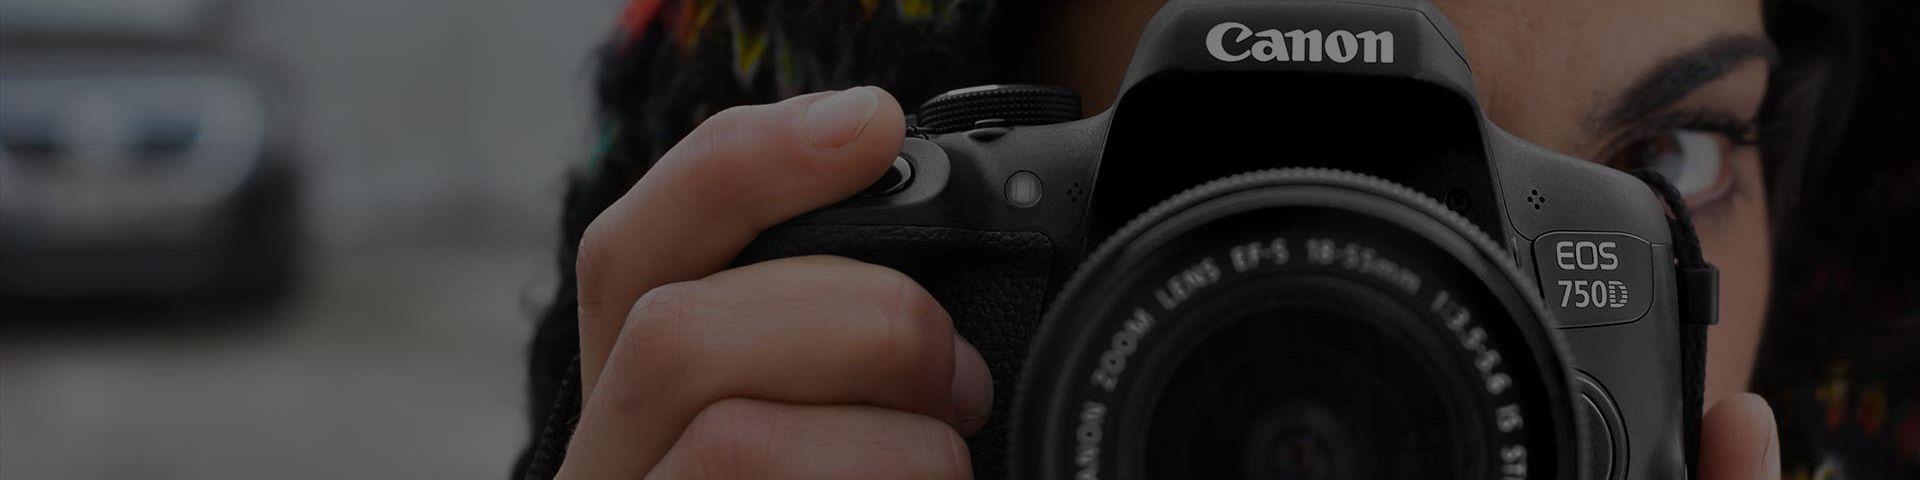 c41011a864 Φακοί – Φακοί μηχανών και φωτογράφισης - Canon Ελλάδα